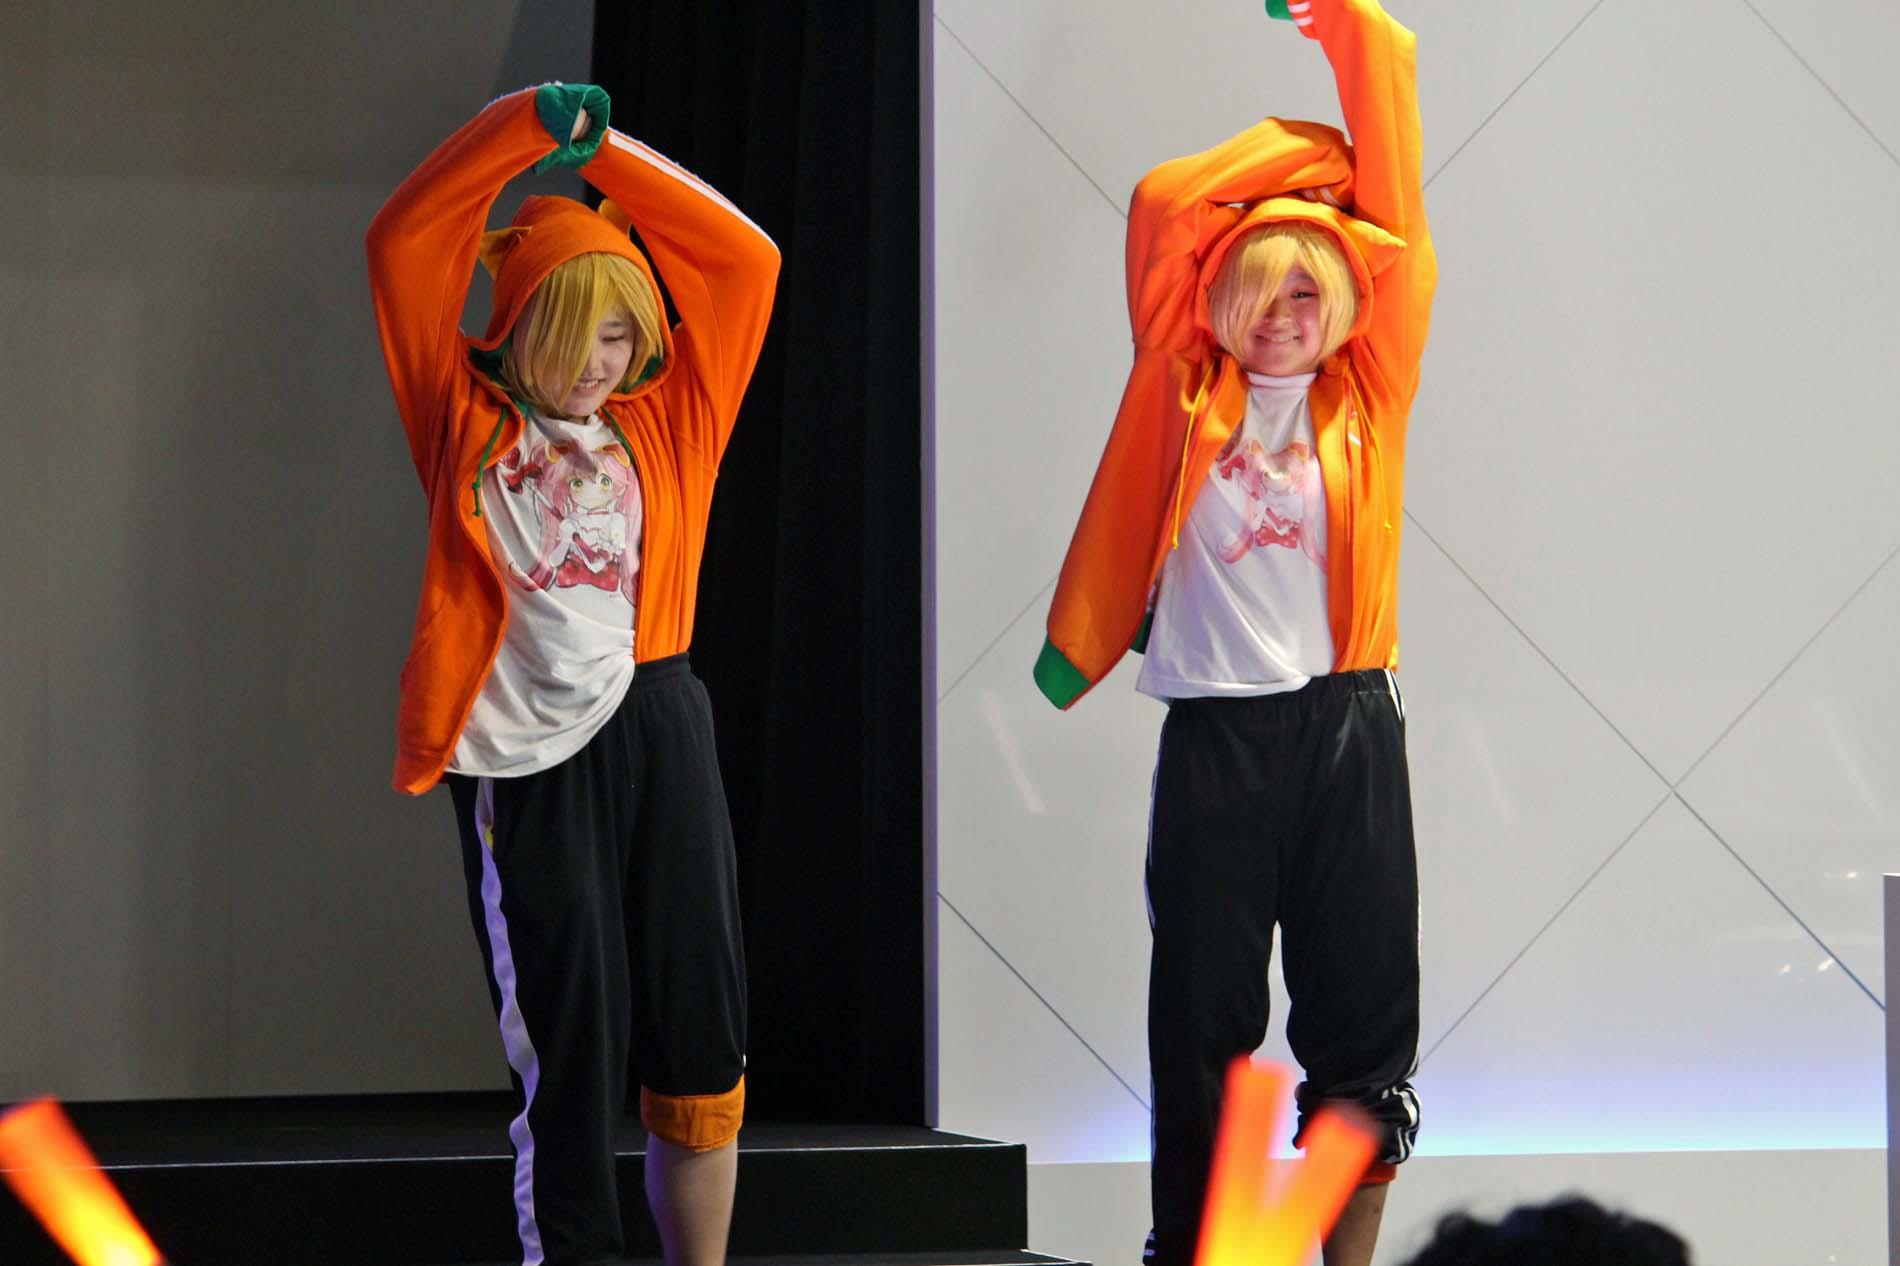 『#コンパス』イベント初企画!「#コンパスコスプレクション」レポート 【ニコニコ超会議2018】